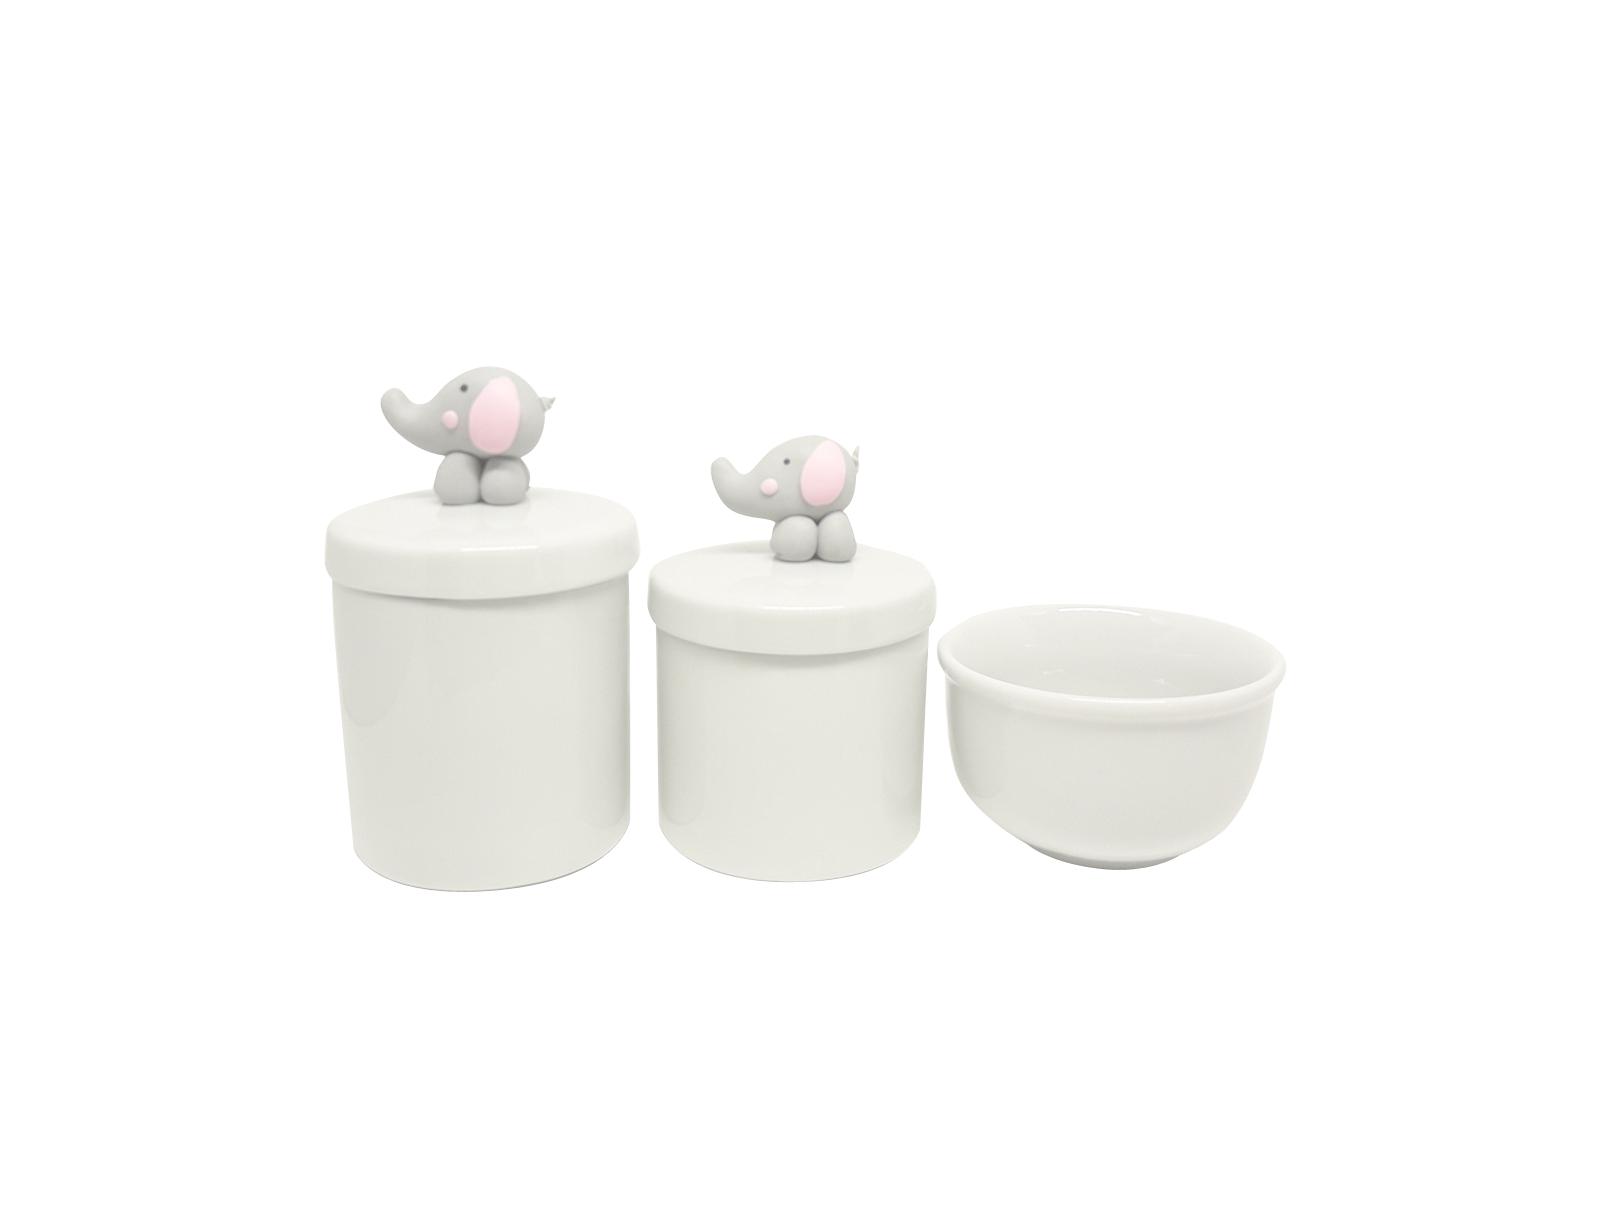 Kit Higiene Bebê Porcelana|Elefante Biscuit Rosa | 3 Peças